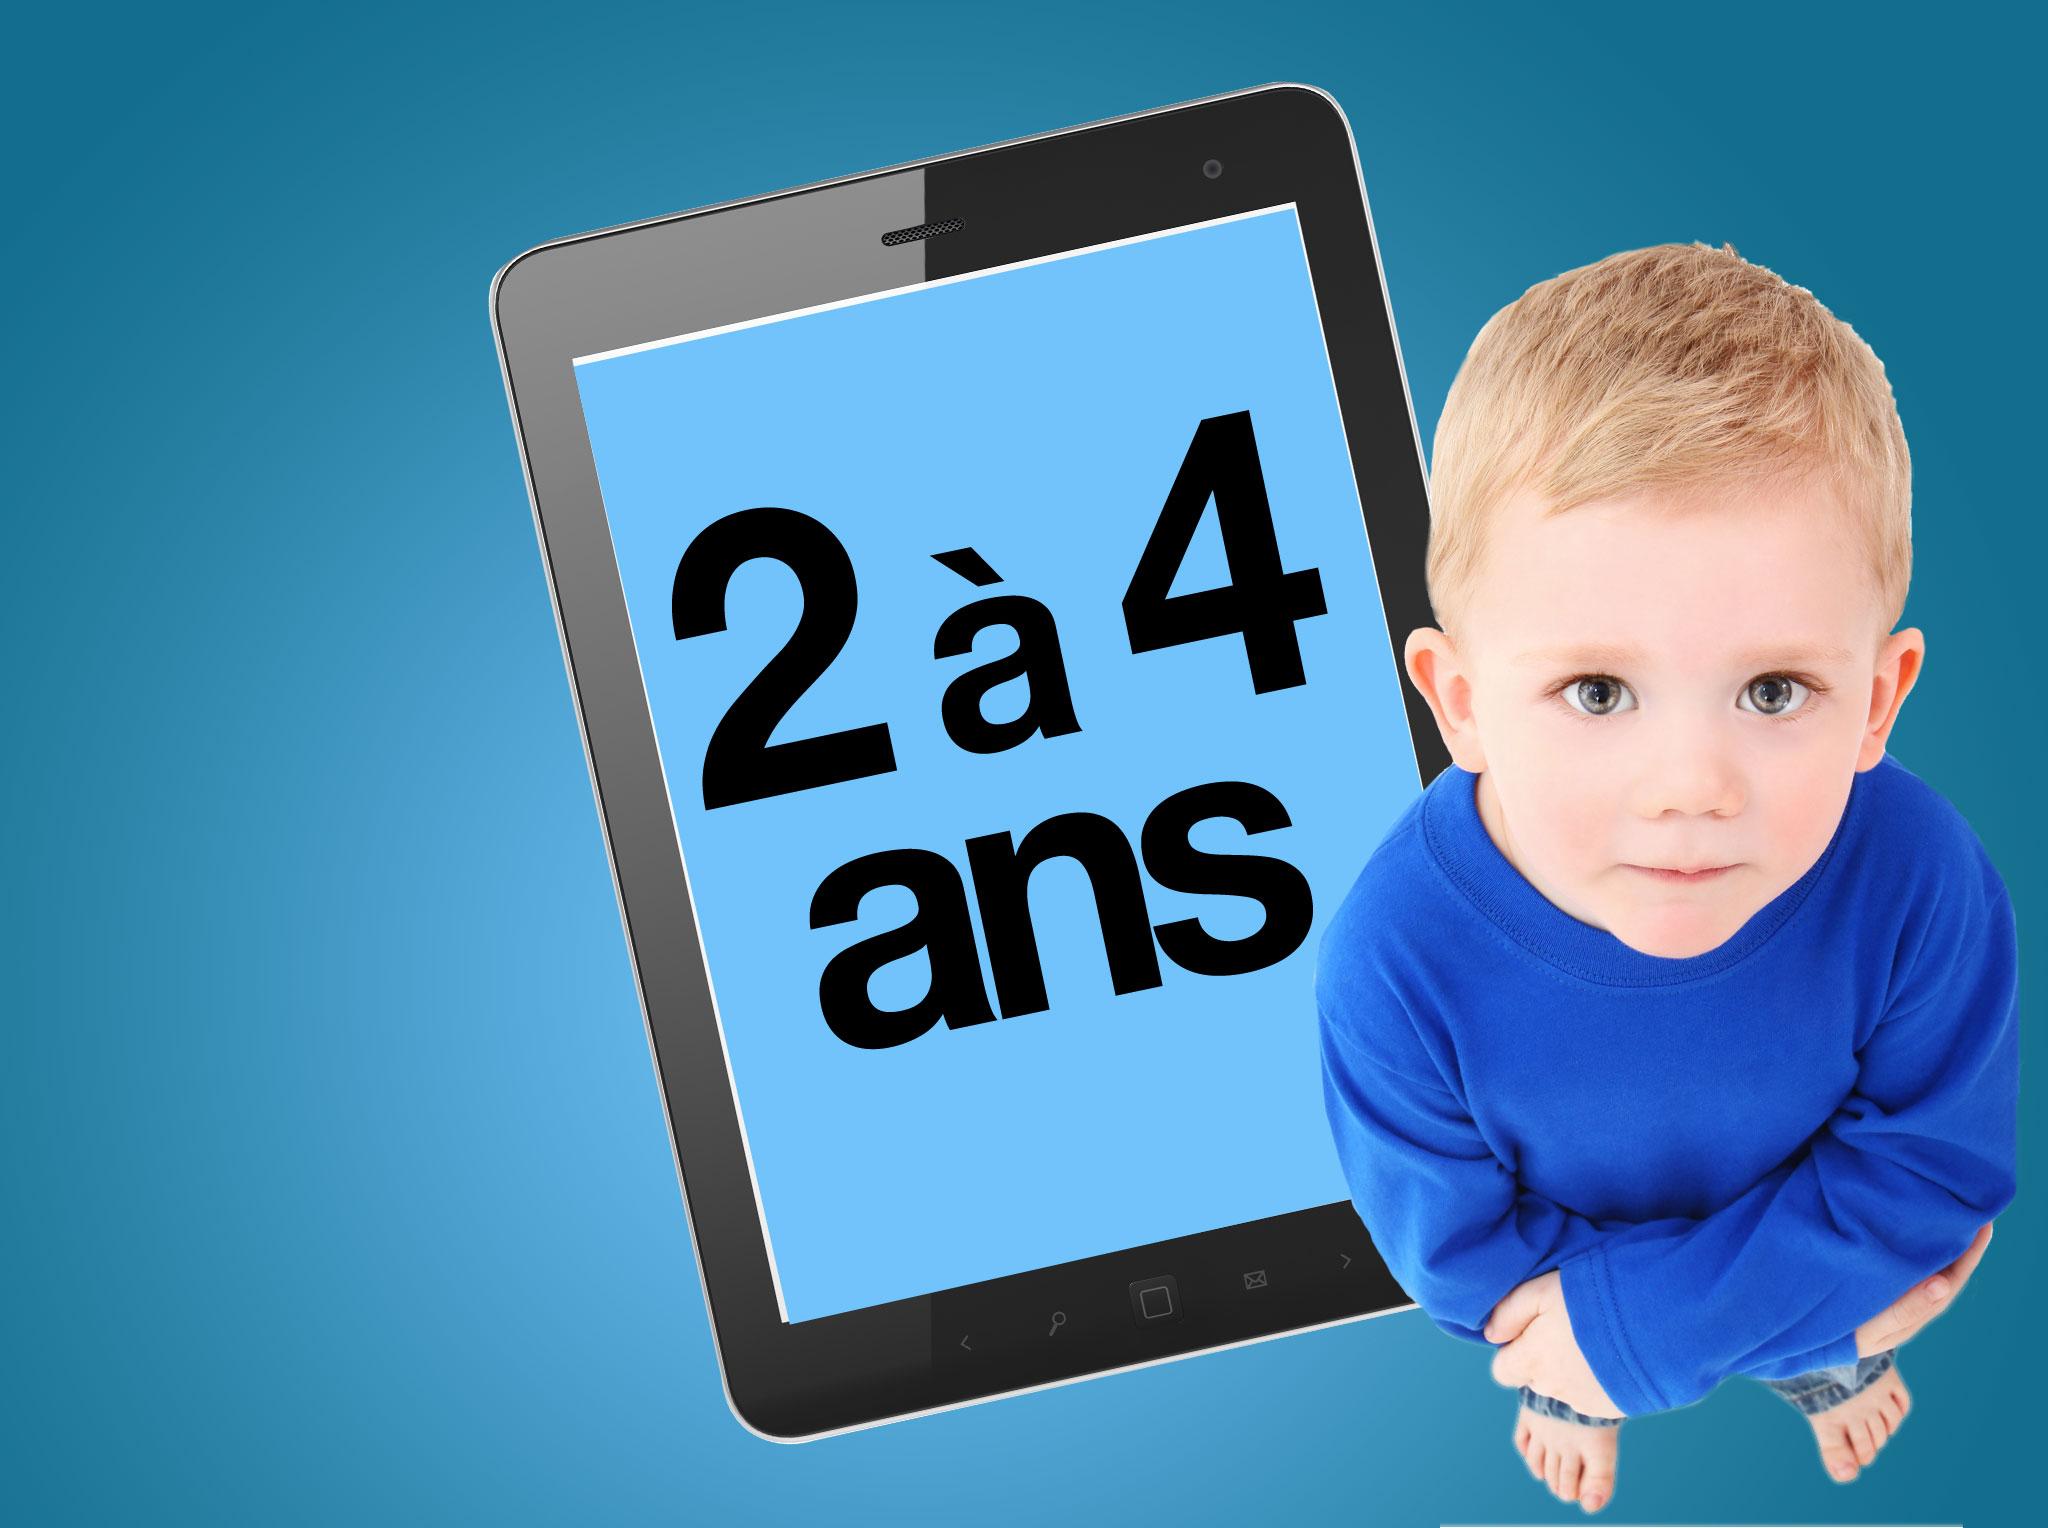 Jeux Sur Tablette: 64 Choix Pour Enfants | Protégez-Vous.ca concernant Jeux Pour Les Garcons De 4 Ans